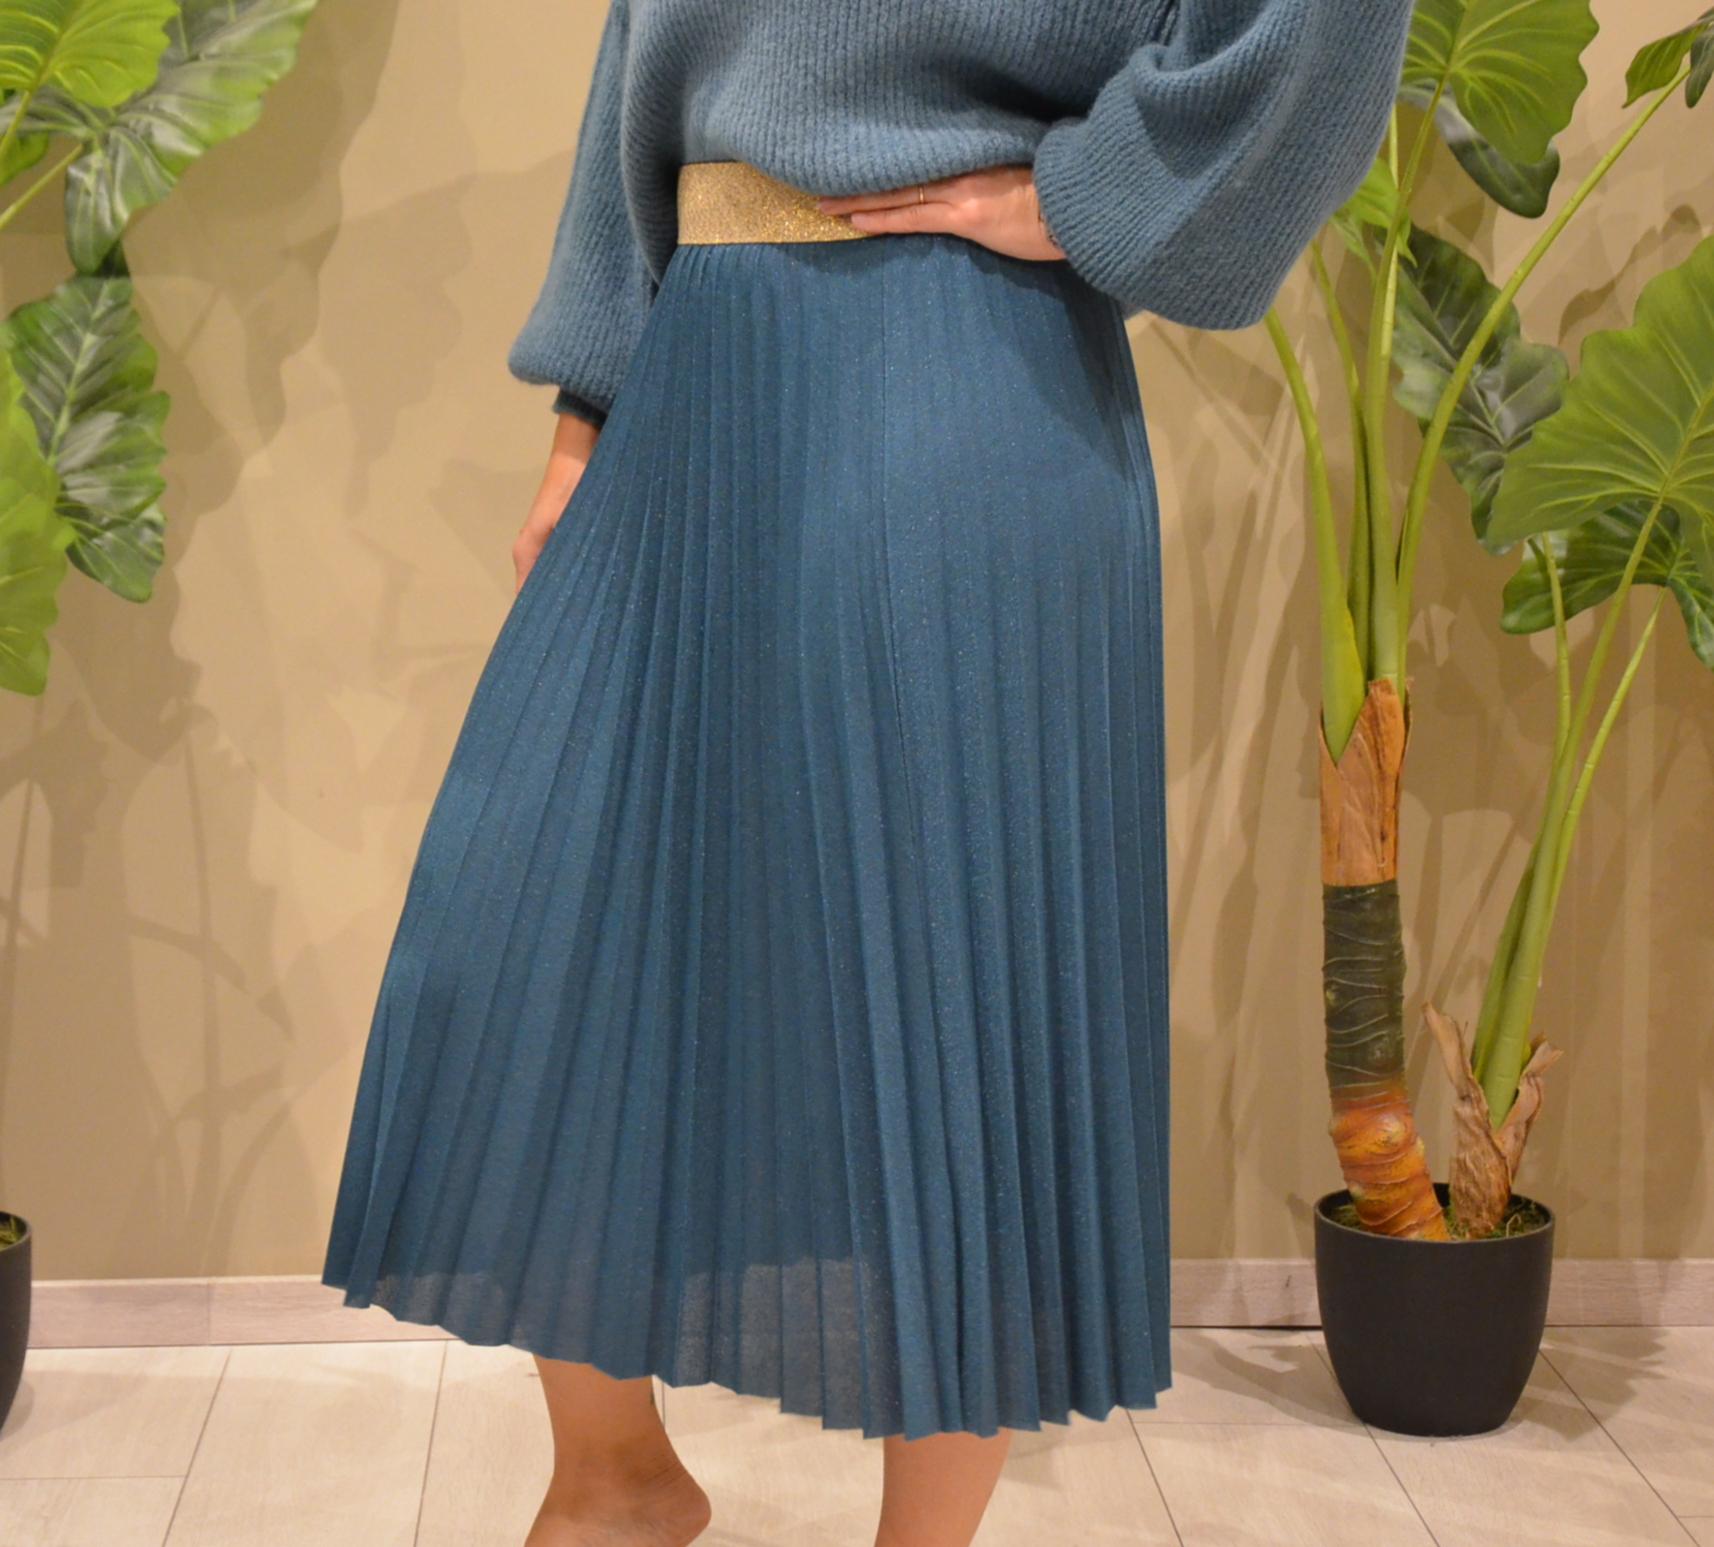 La jupe plisée  Wood